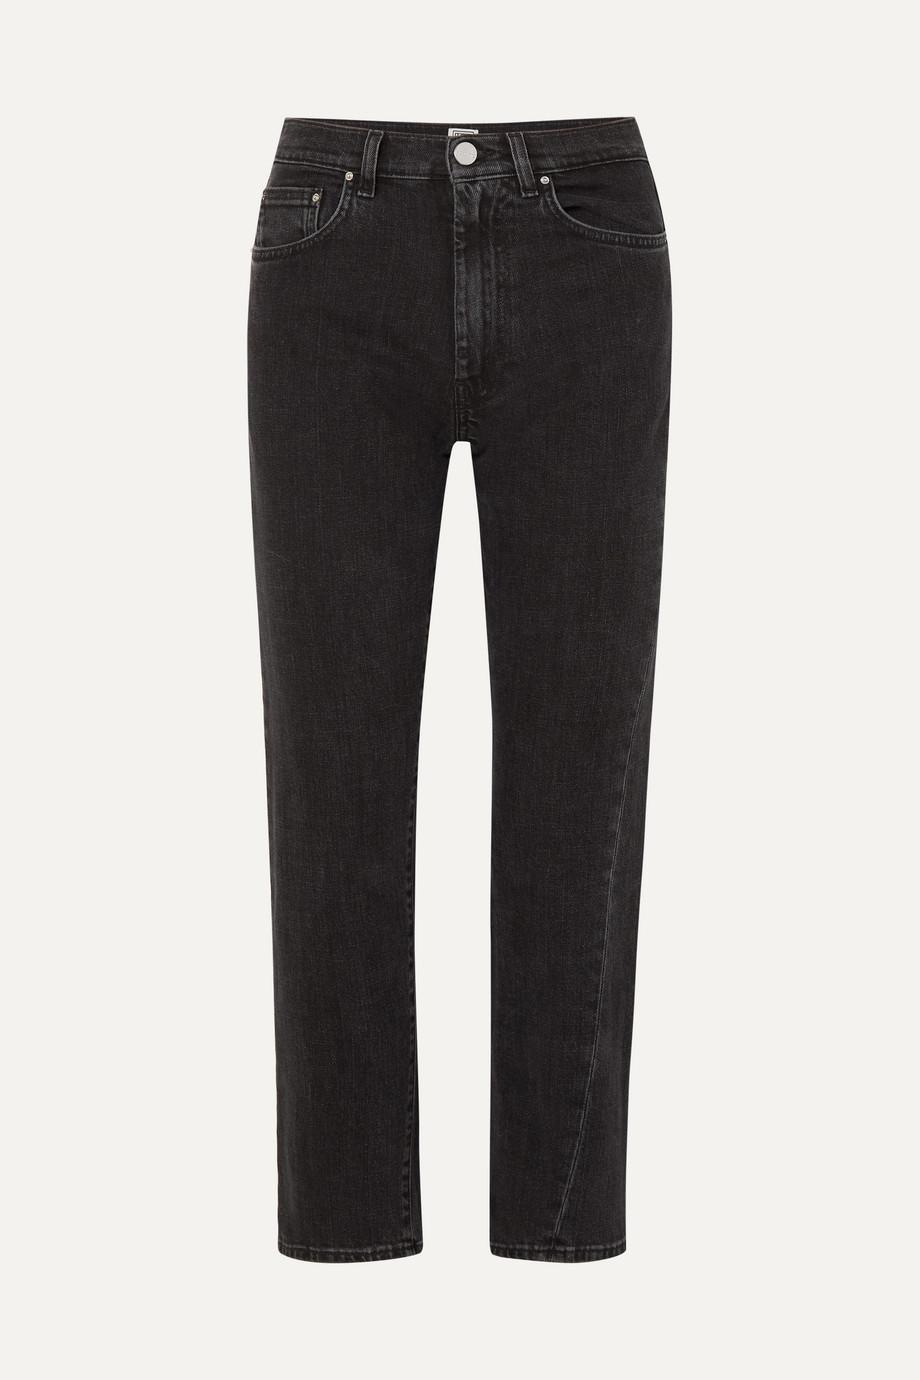 Totême Original hoch sitzende Jeans mit geradem Bein